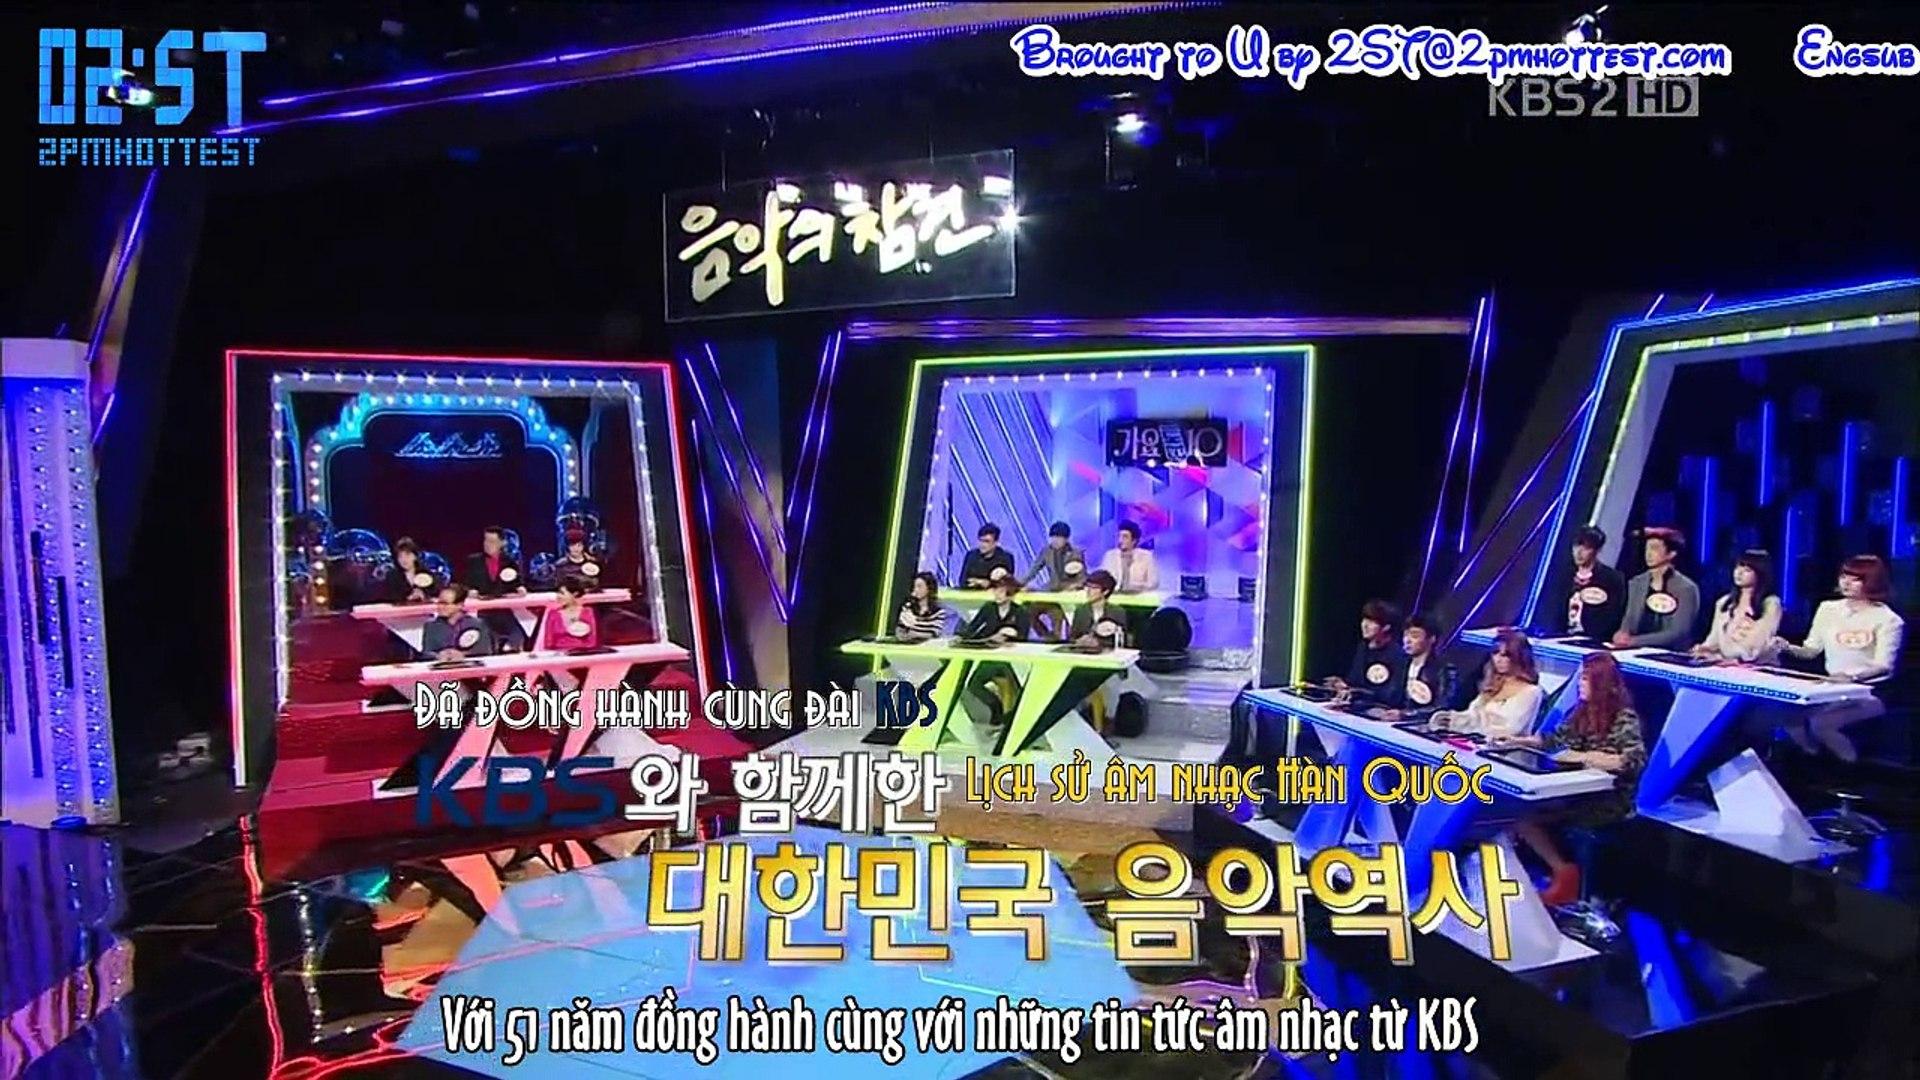 [Vietsub - 2ST] [041212] K B S2 Khuấy đảo nền âm nhạc - JK & WY